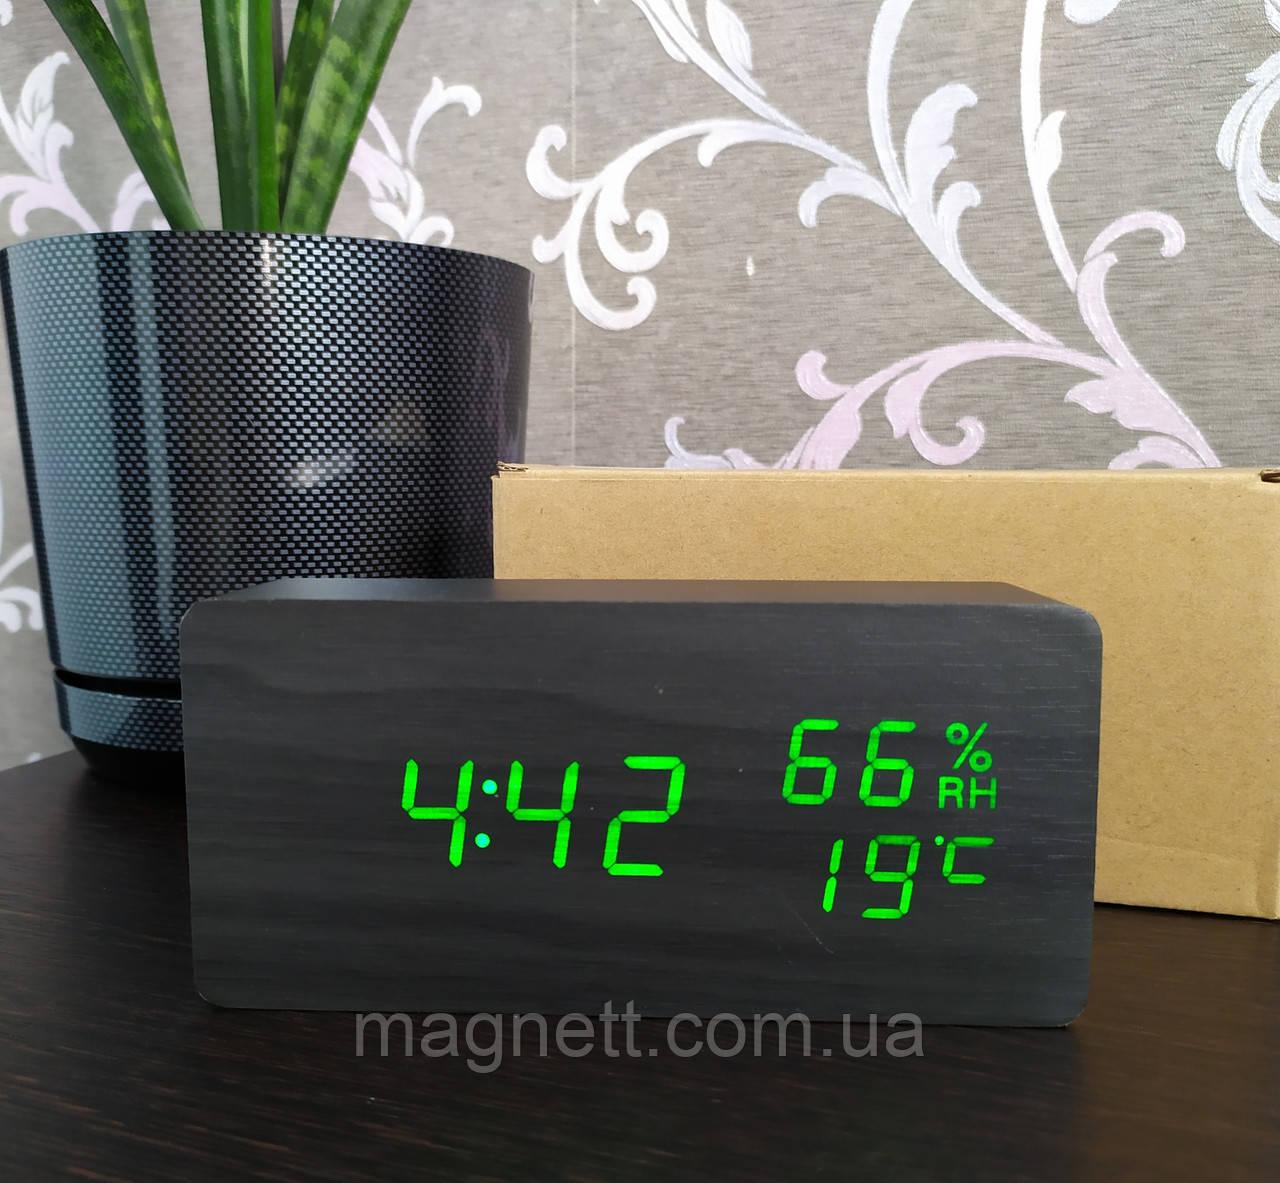 Електронні годинник VST-862S в дерев'яному корпусі з температурою і датчиком вологості (чорні з зеленим цыфрами)